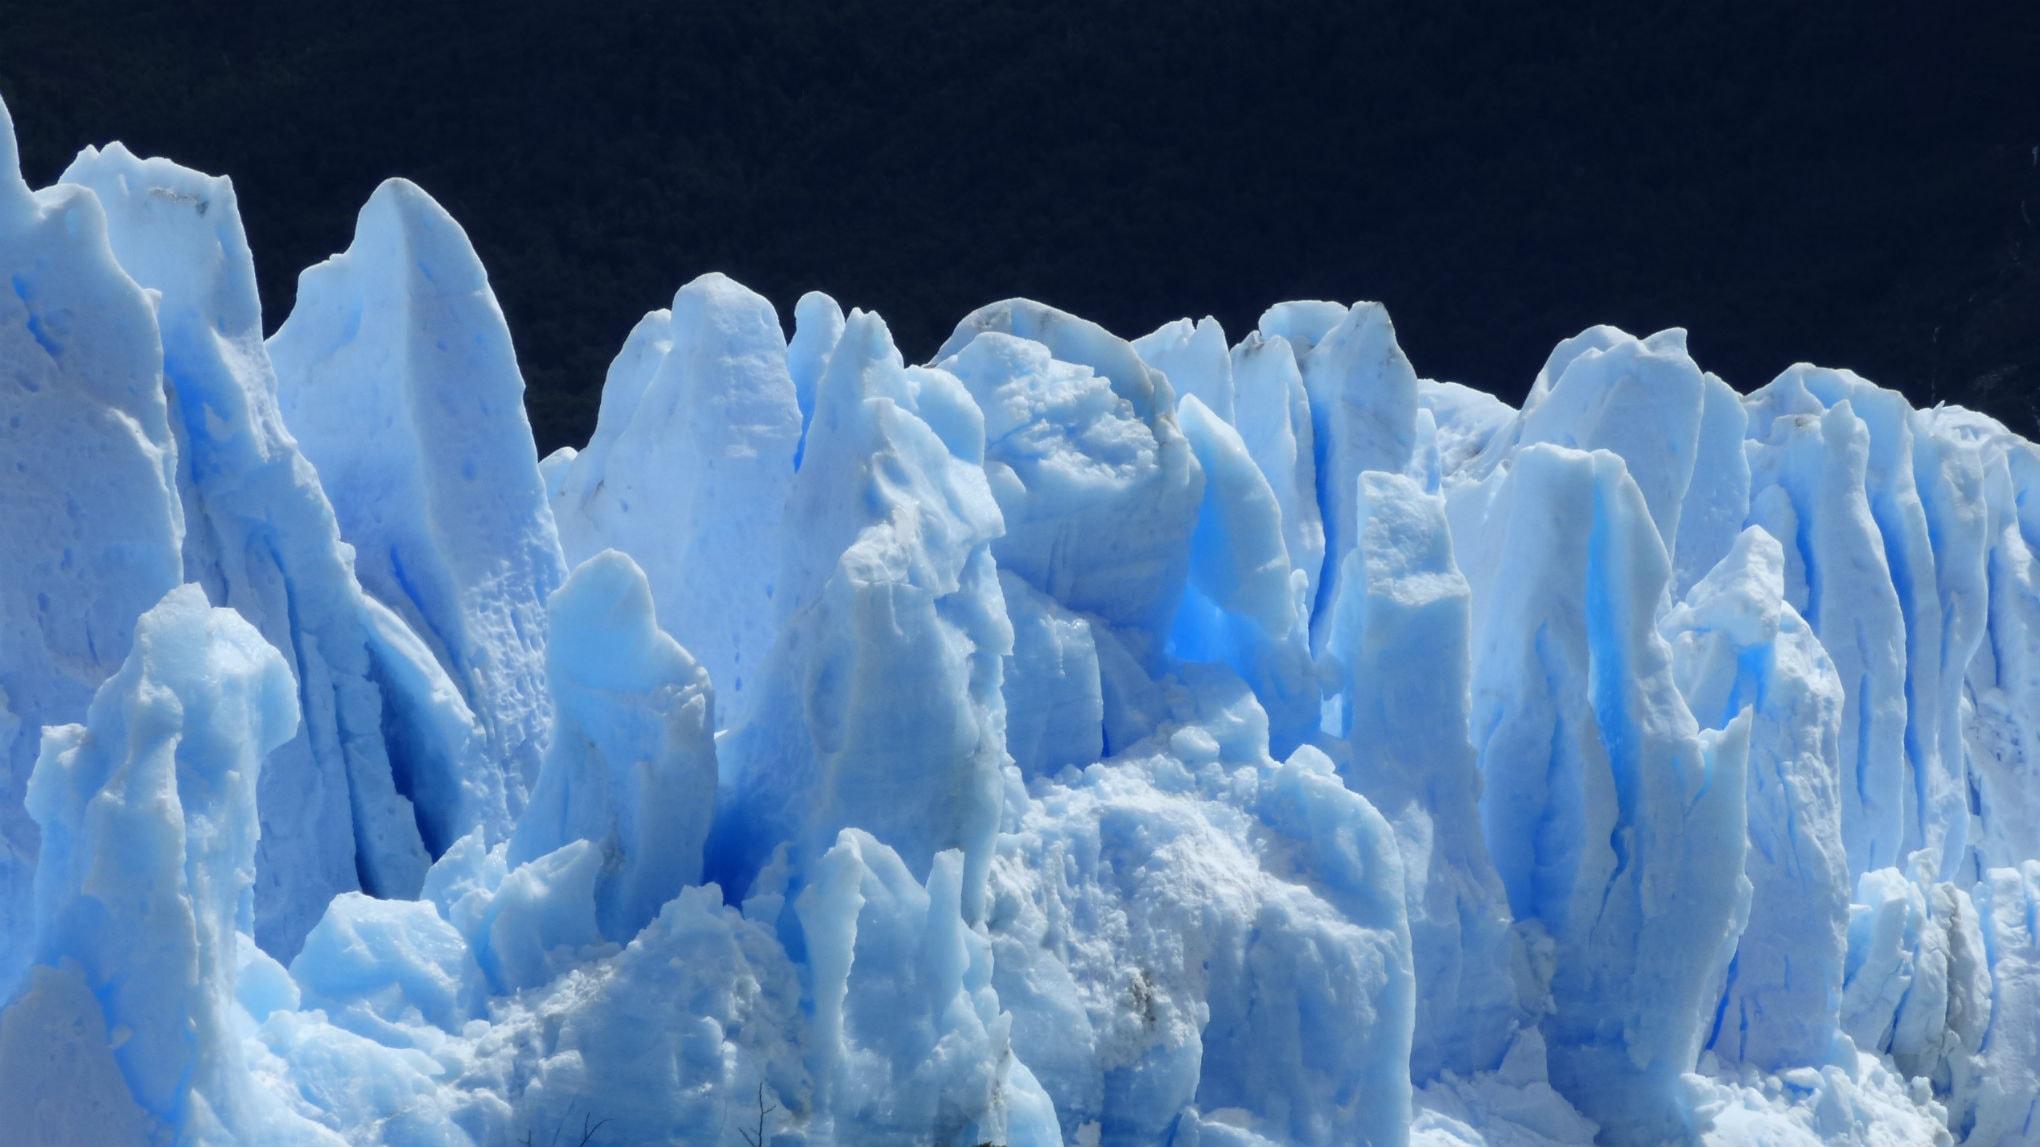 Hav, stäpp och glaciärer - det är Patagonien!